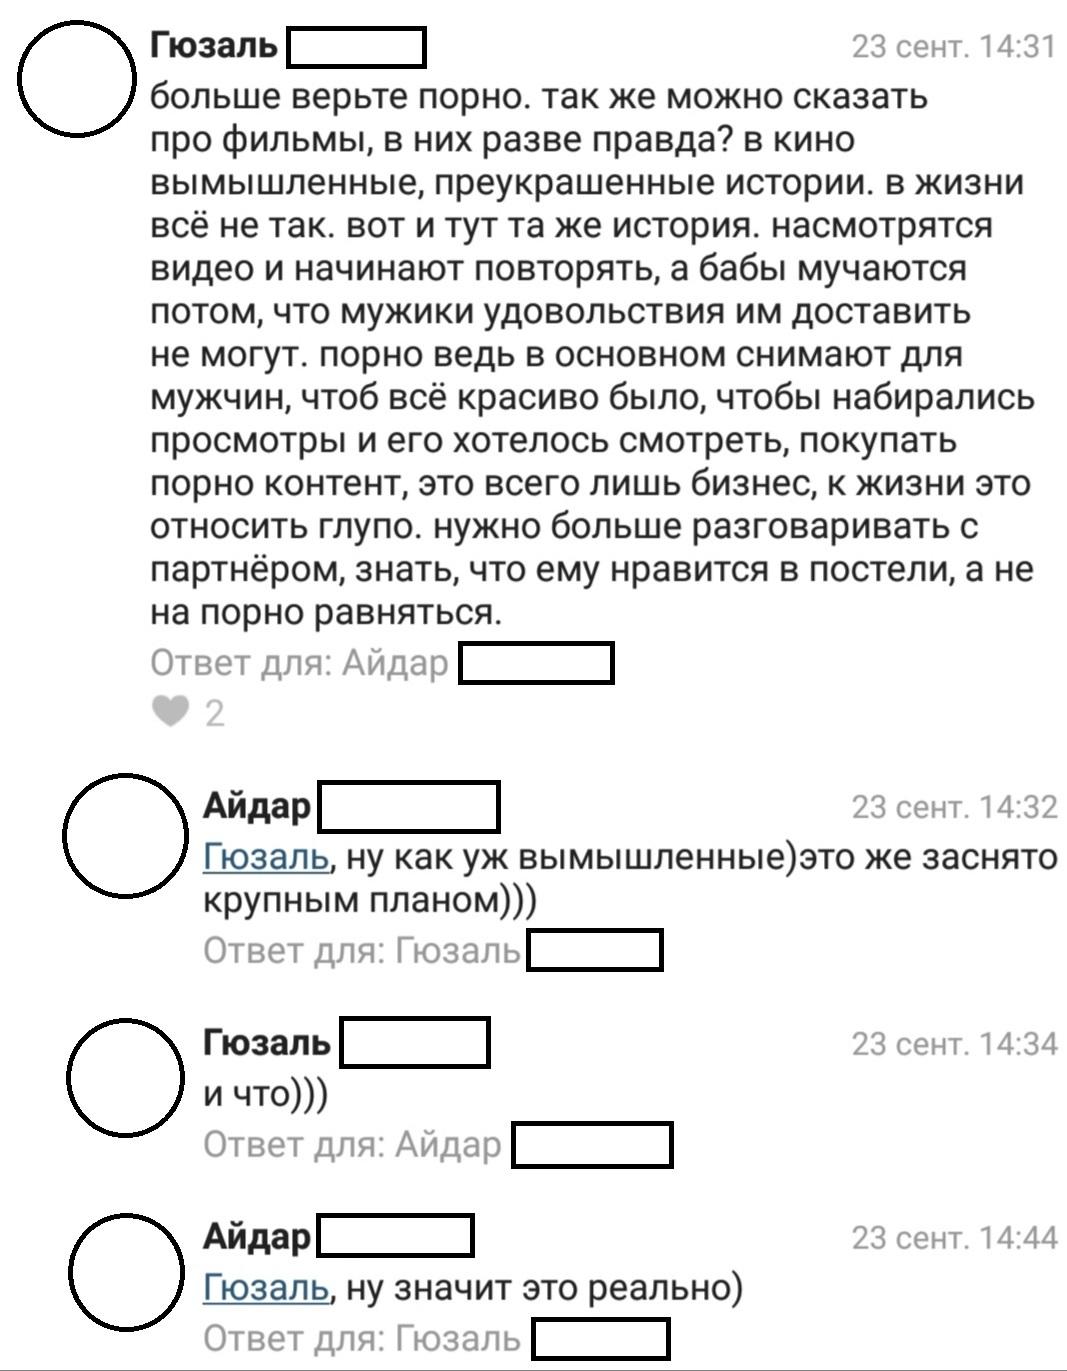 статья, сам сайт Кыргыз секс кино как таком случае поступить?